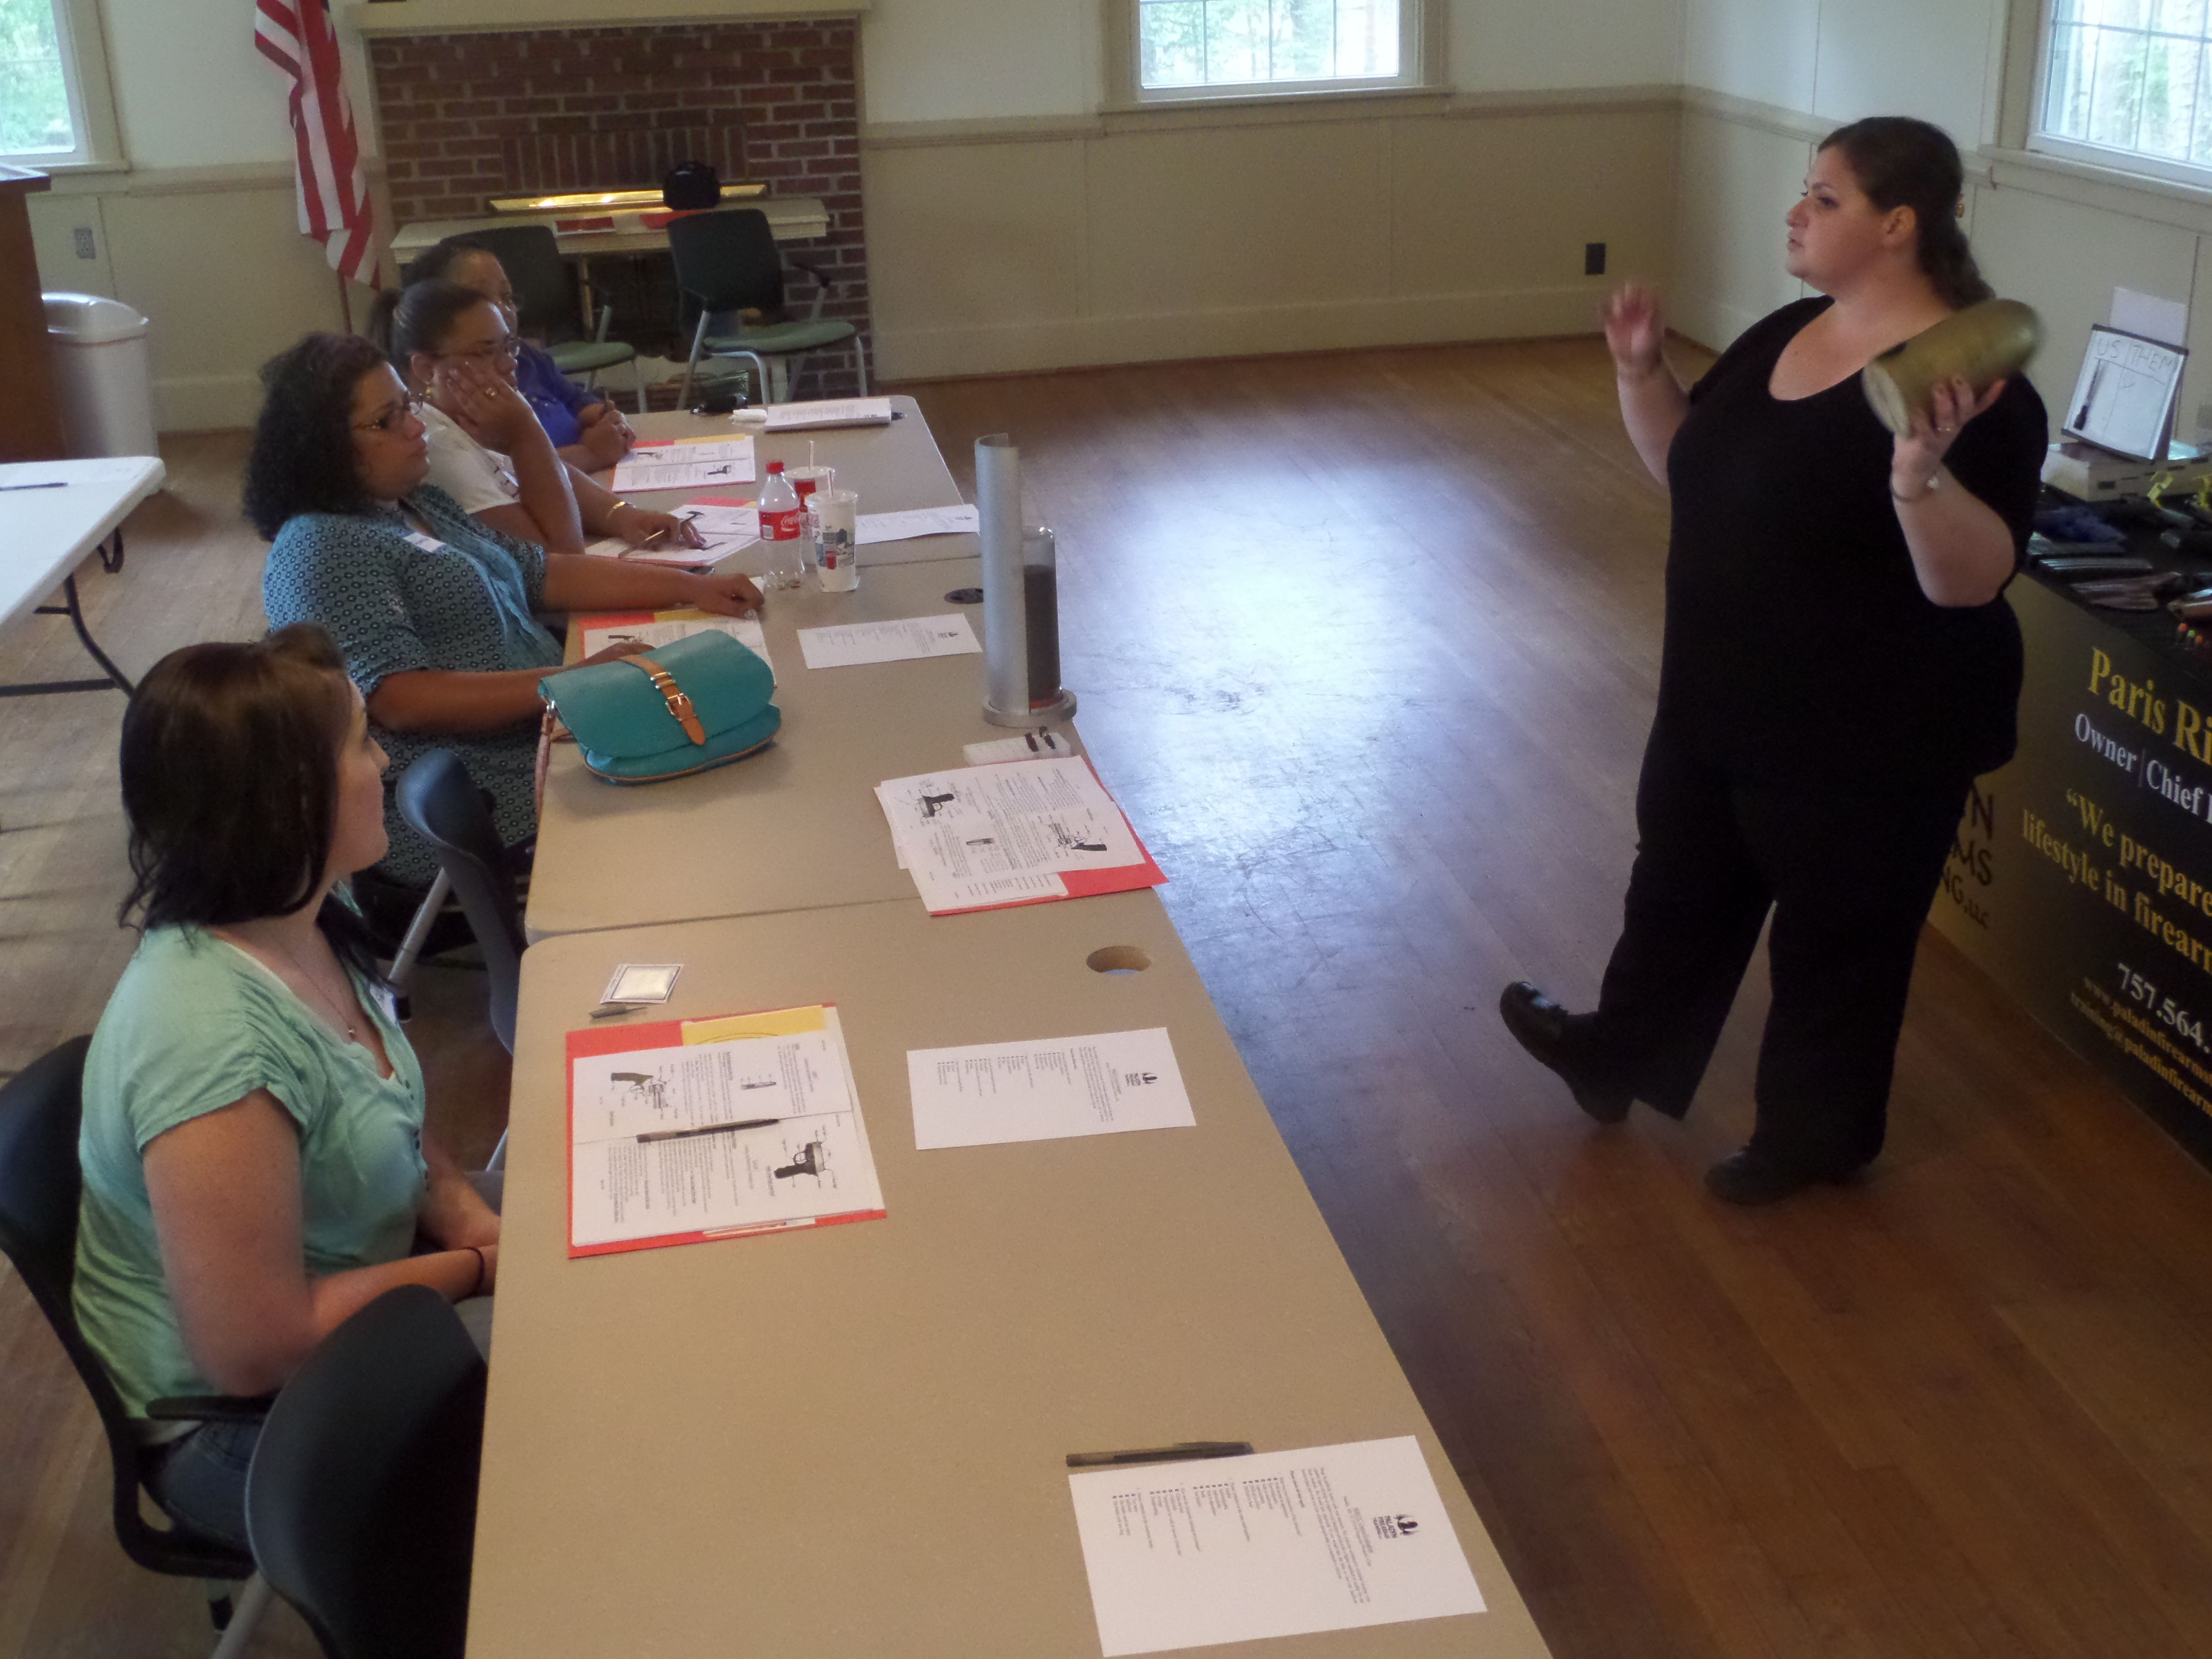 Assistant Instructor Rilveria explaining caliber of a